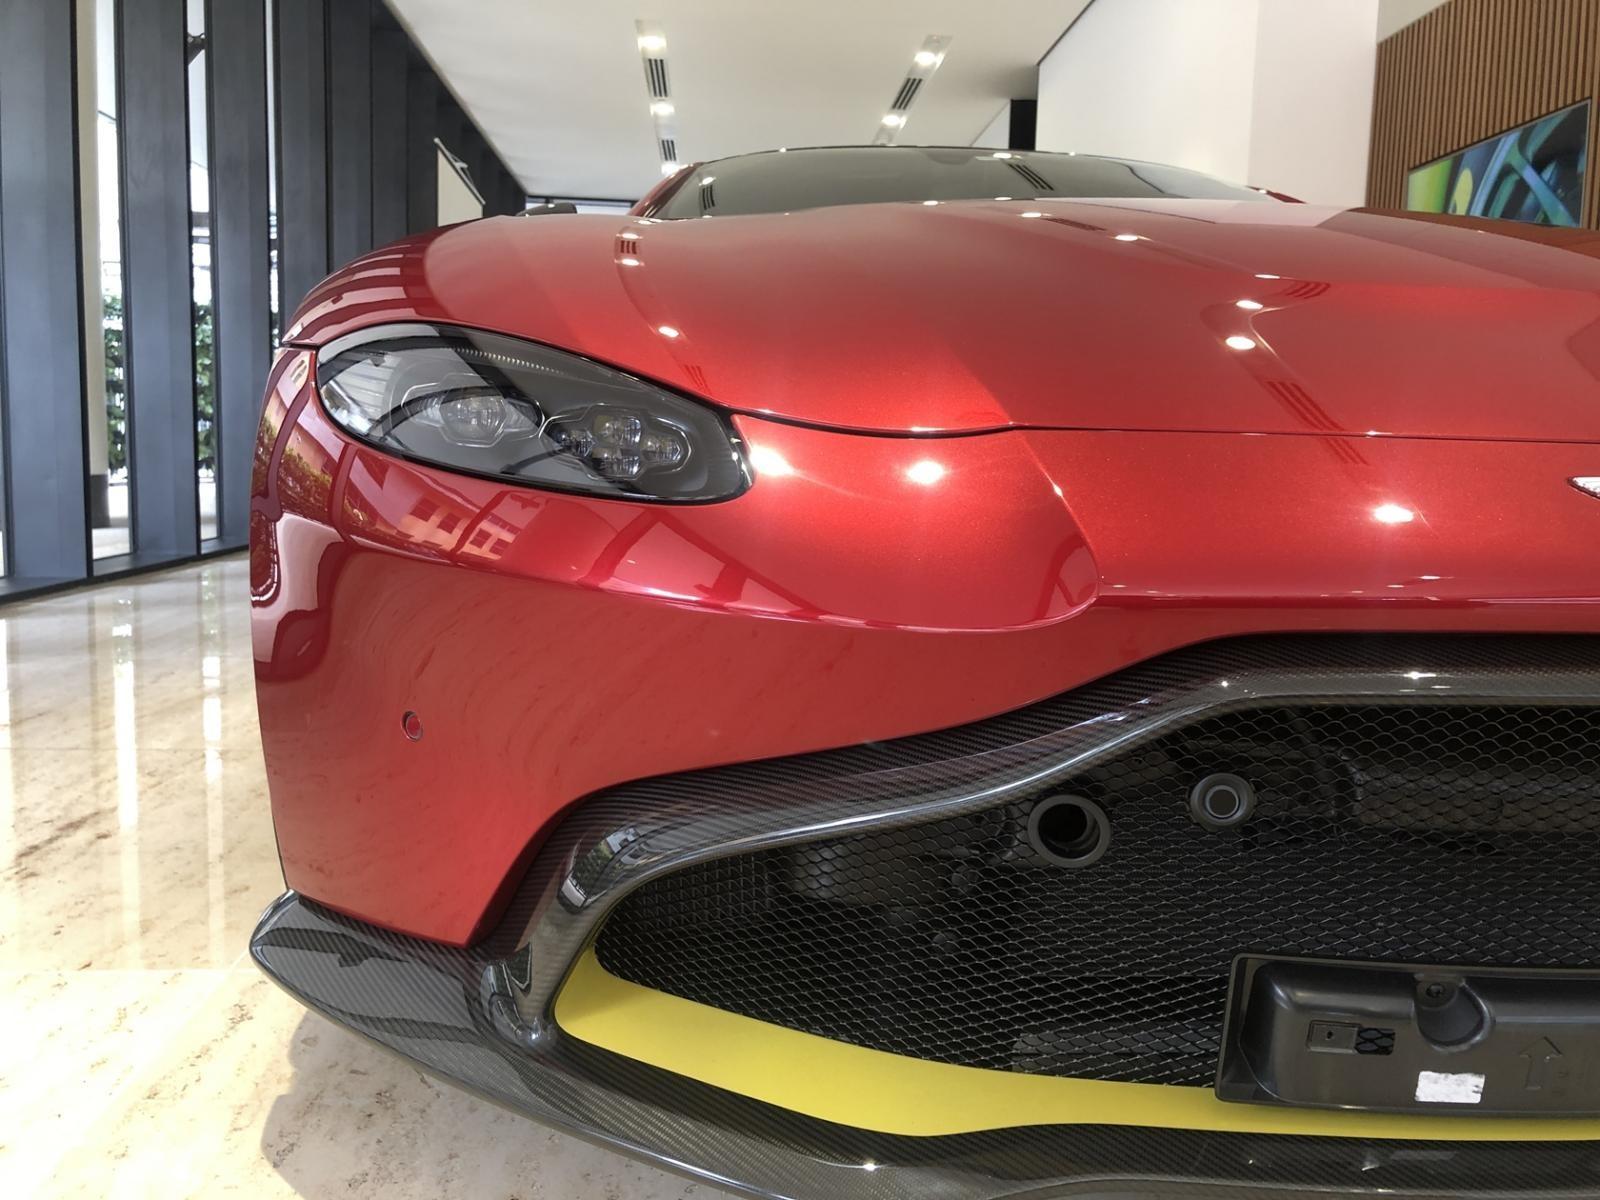 Đèn pha và lưới tản nhiệt đẹp của Aston Martin V8 Vantage 2018